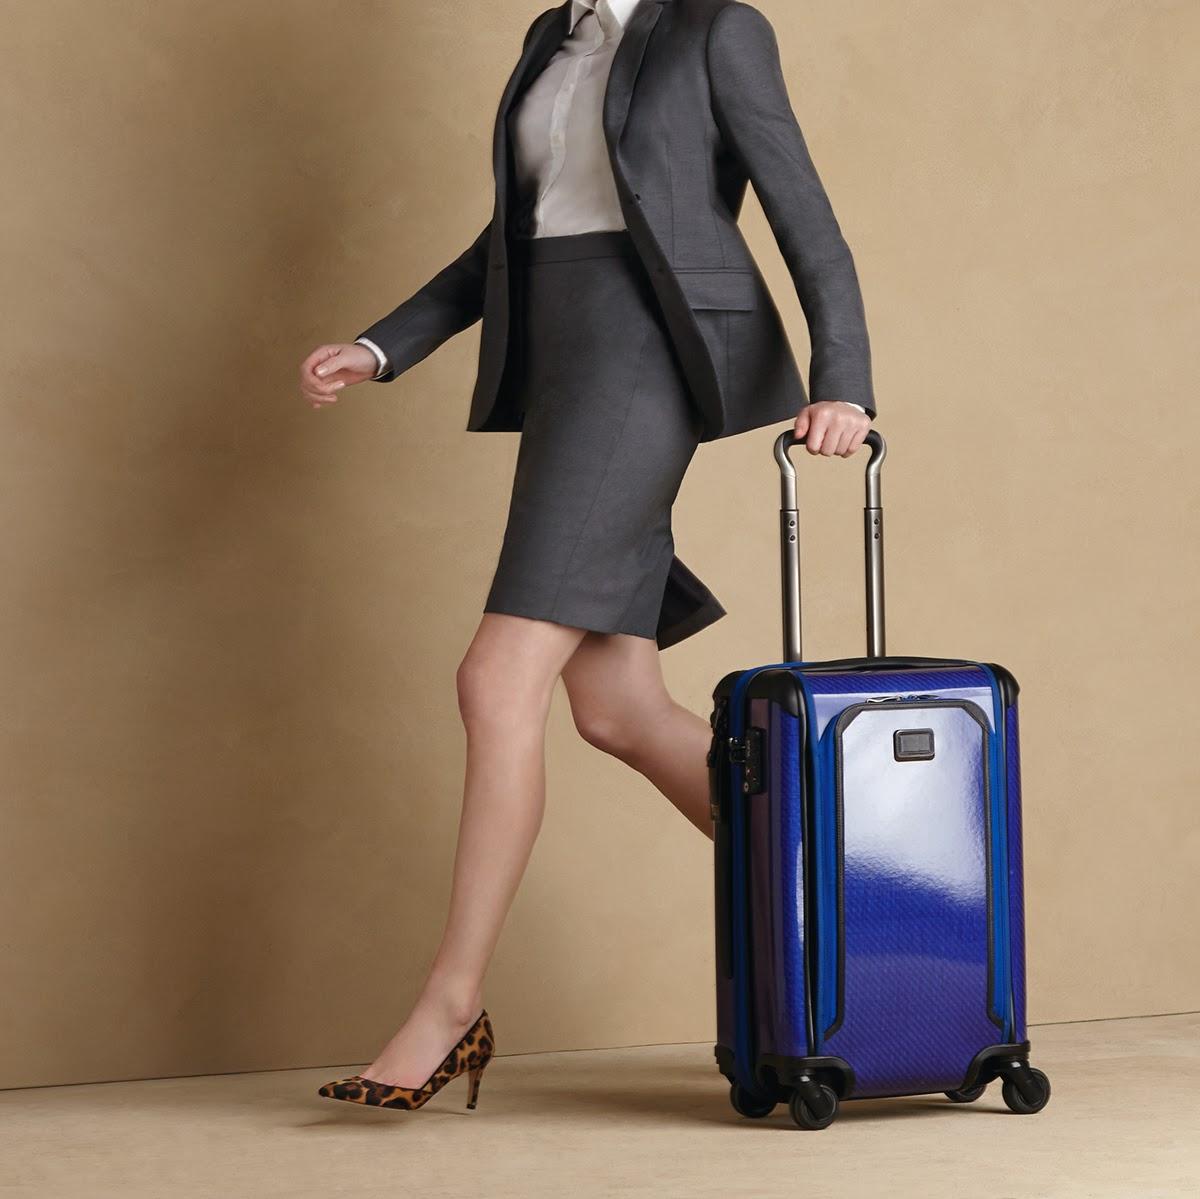 全球顶级行李箱品牌,每个旅行者都需要一个好箱子!Tumi 低至5折热卖